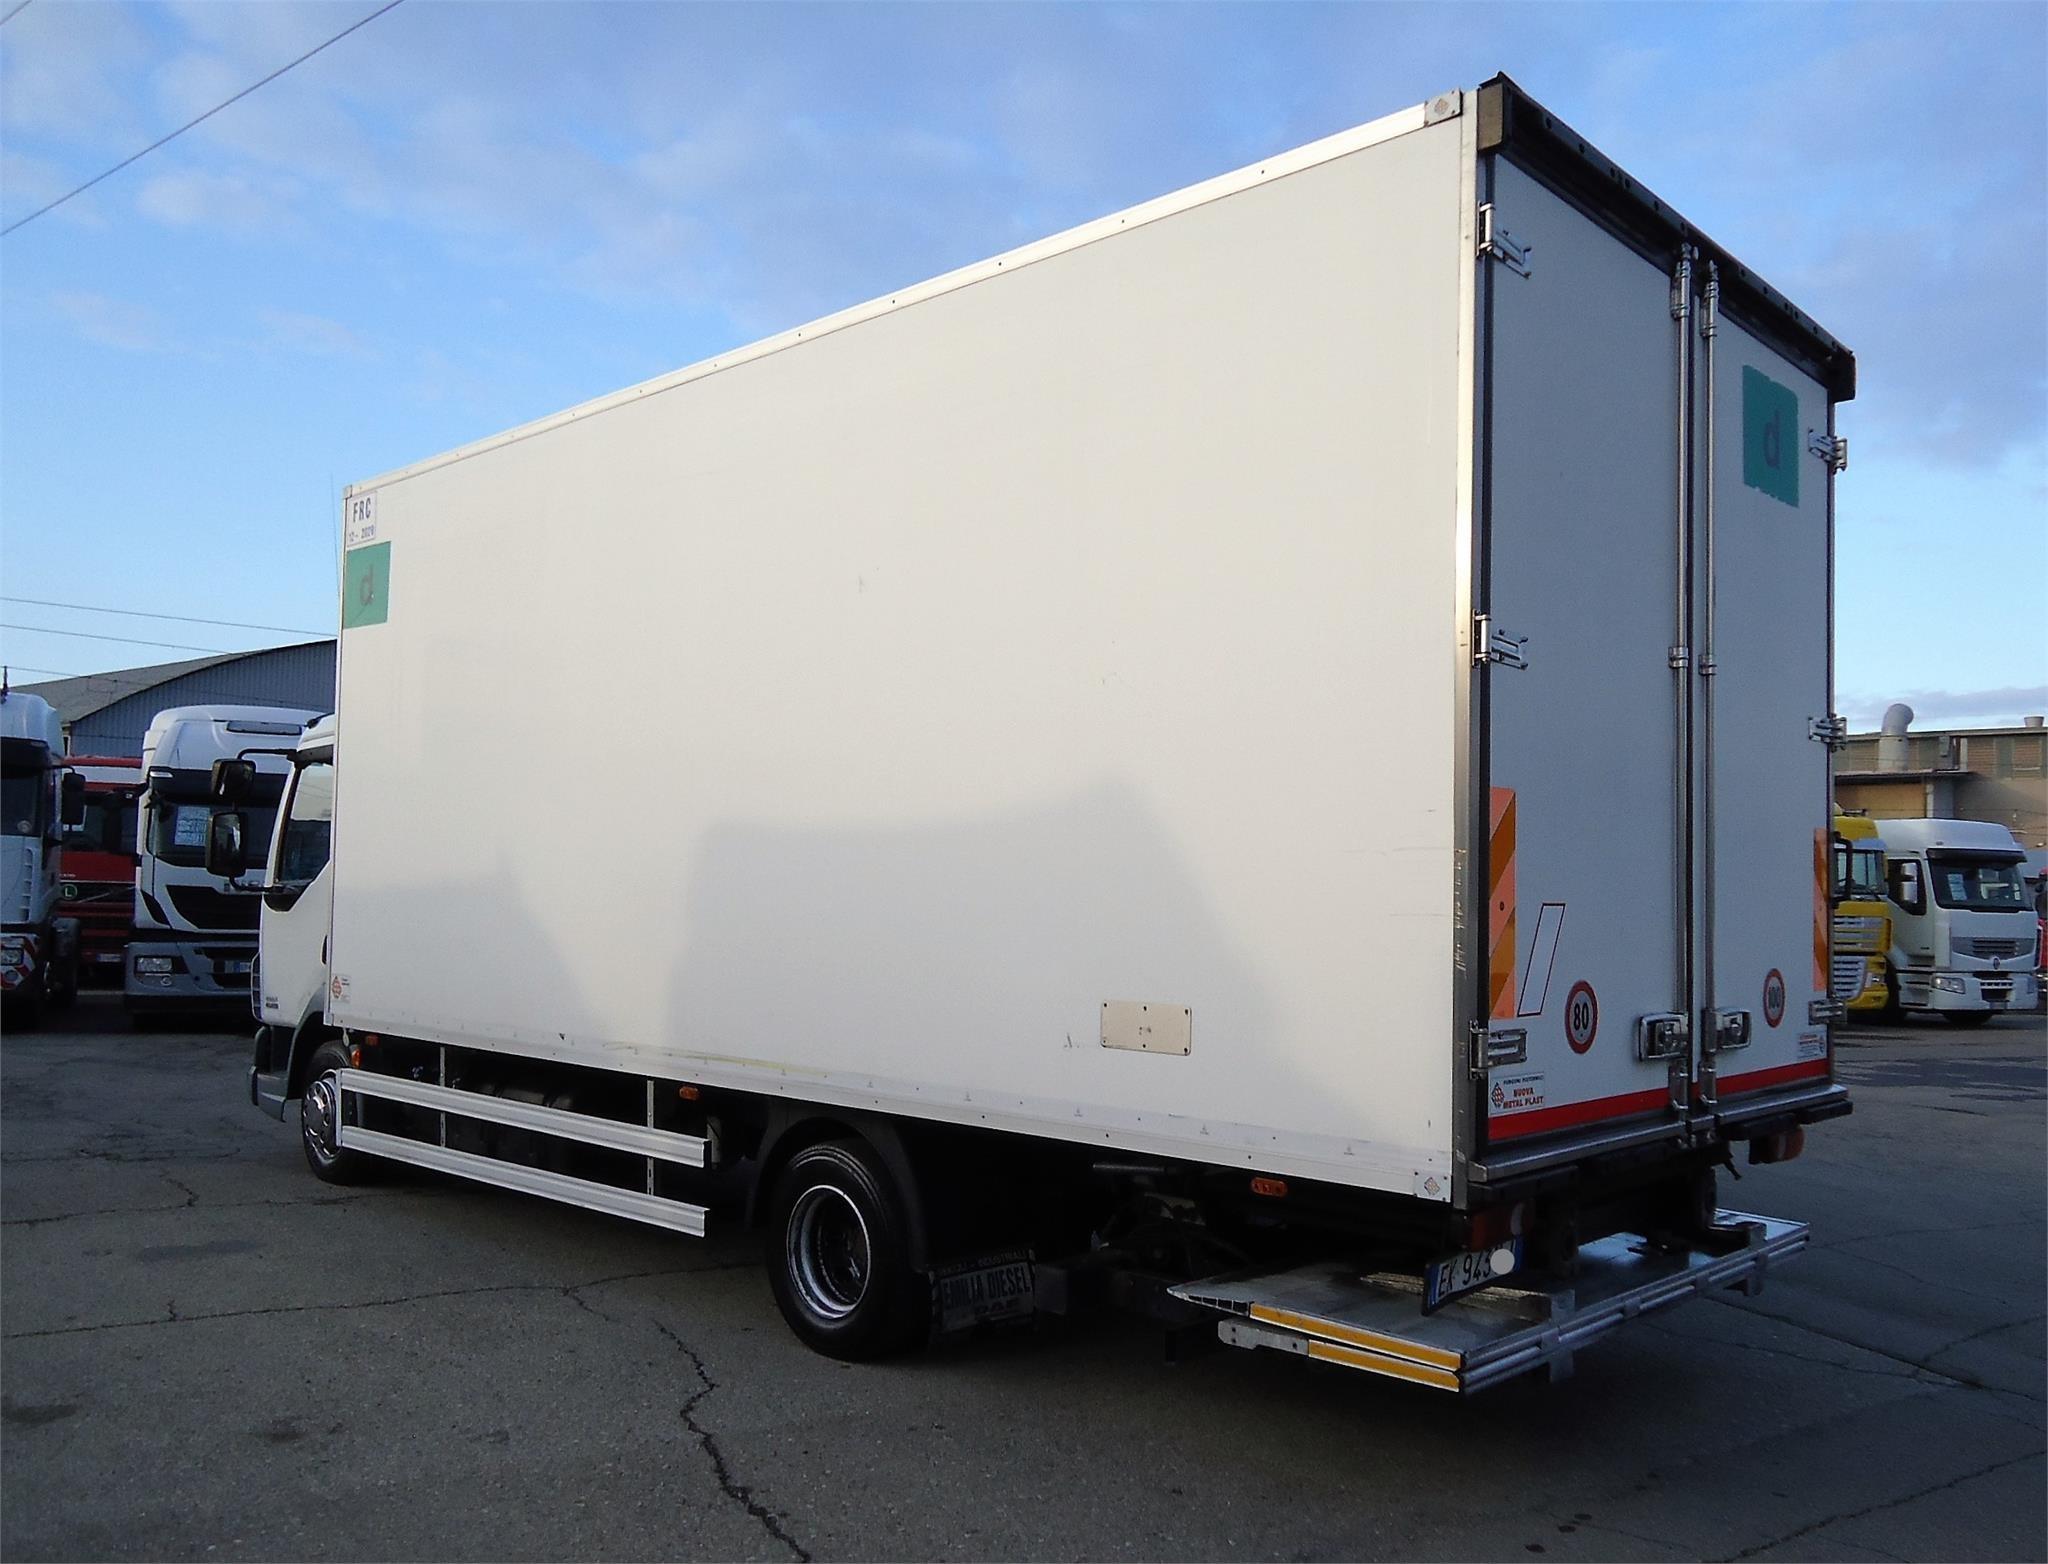 Daf LF45.220 Usato 2012